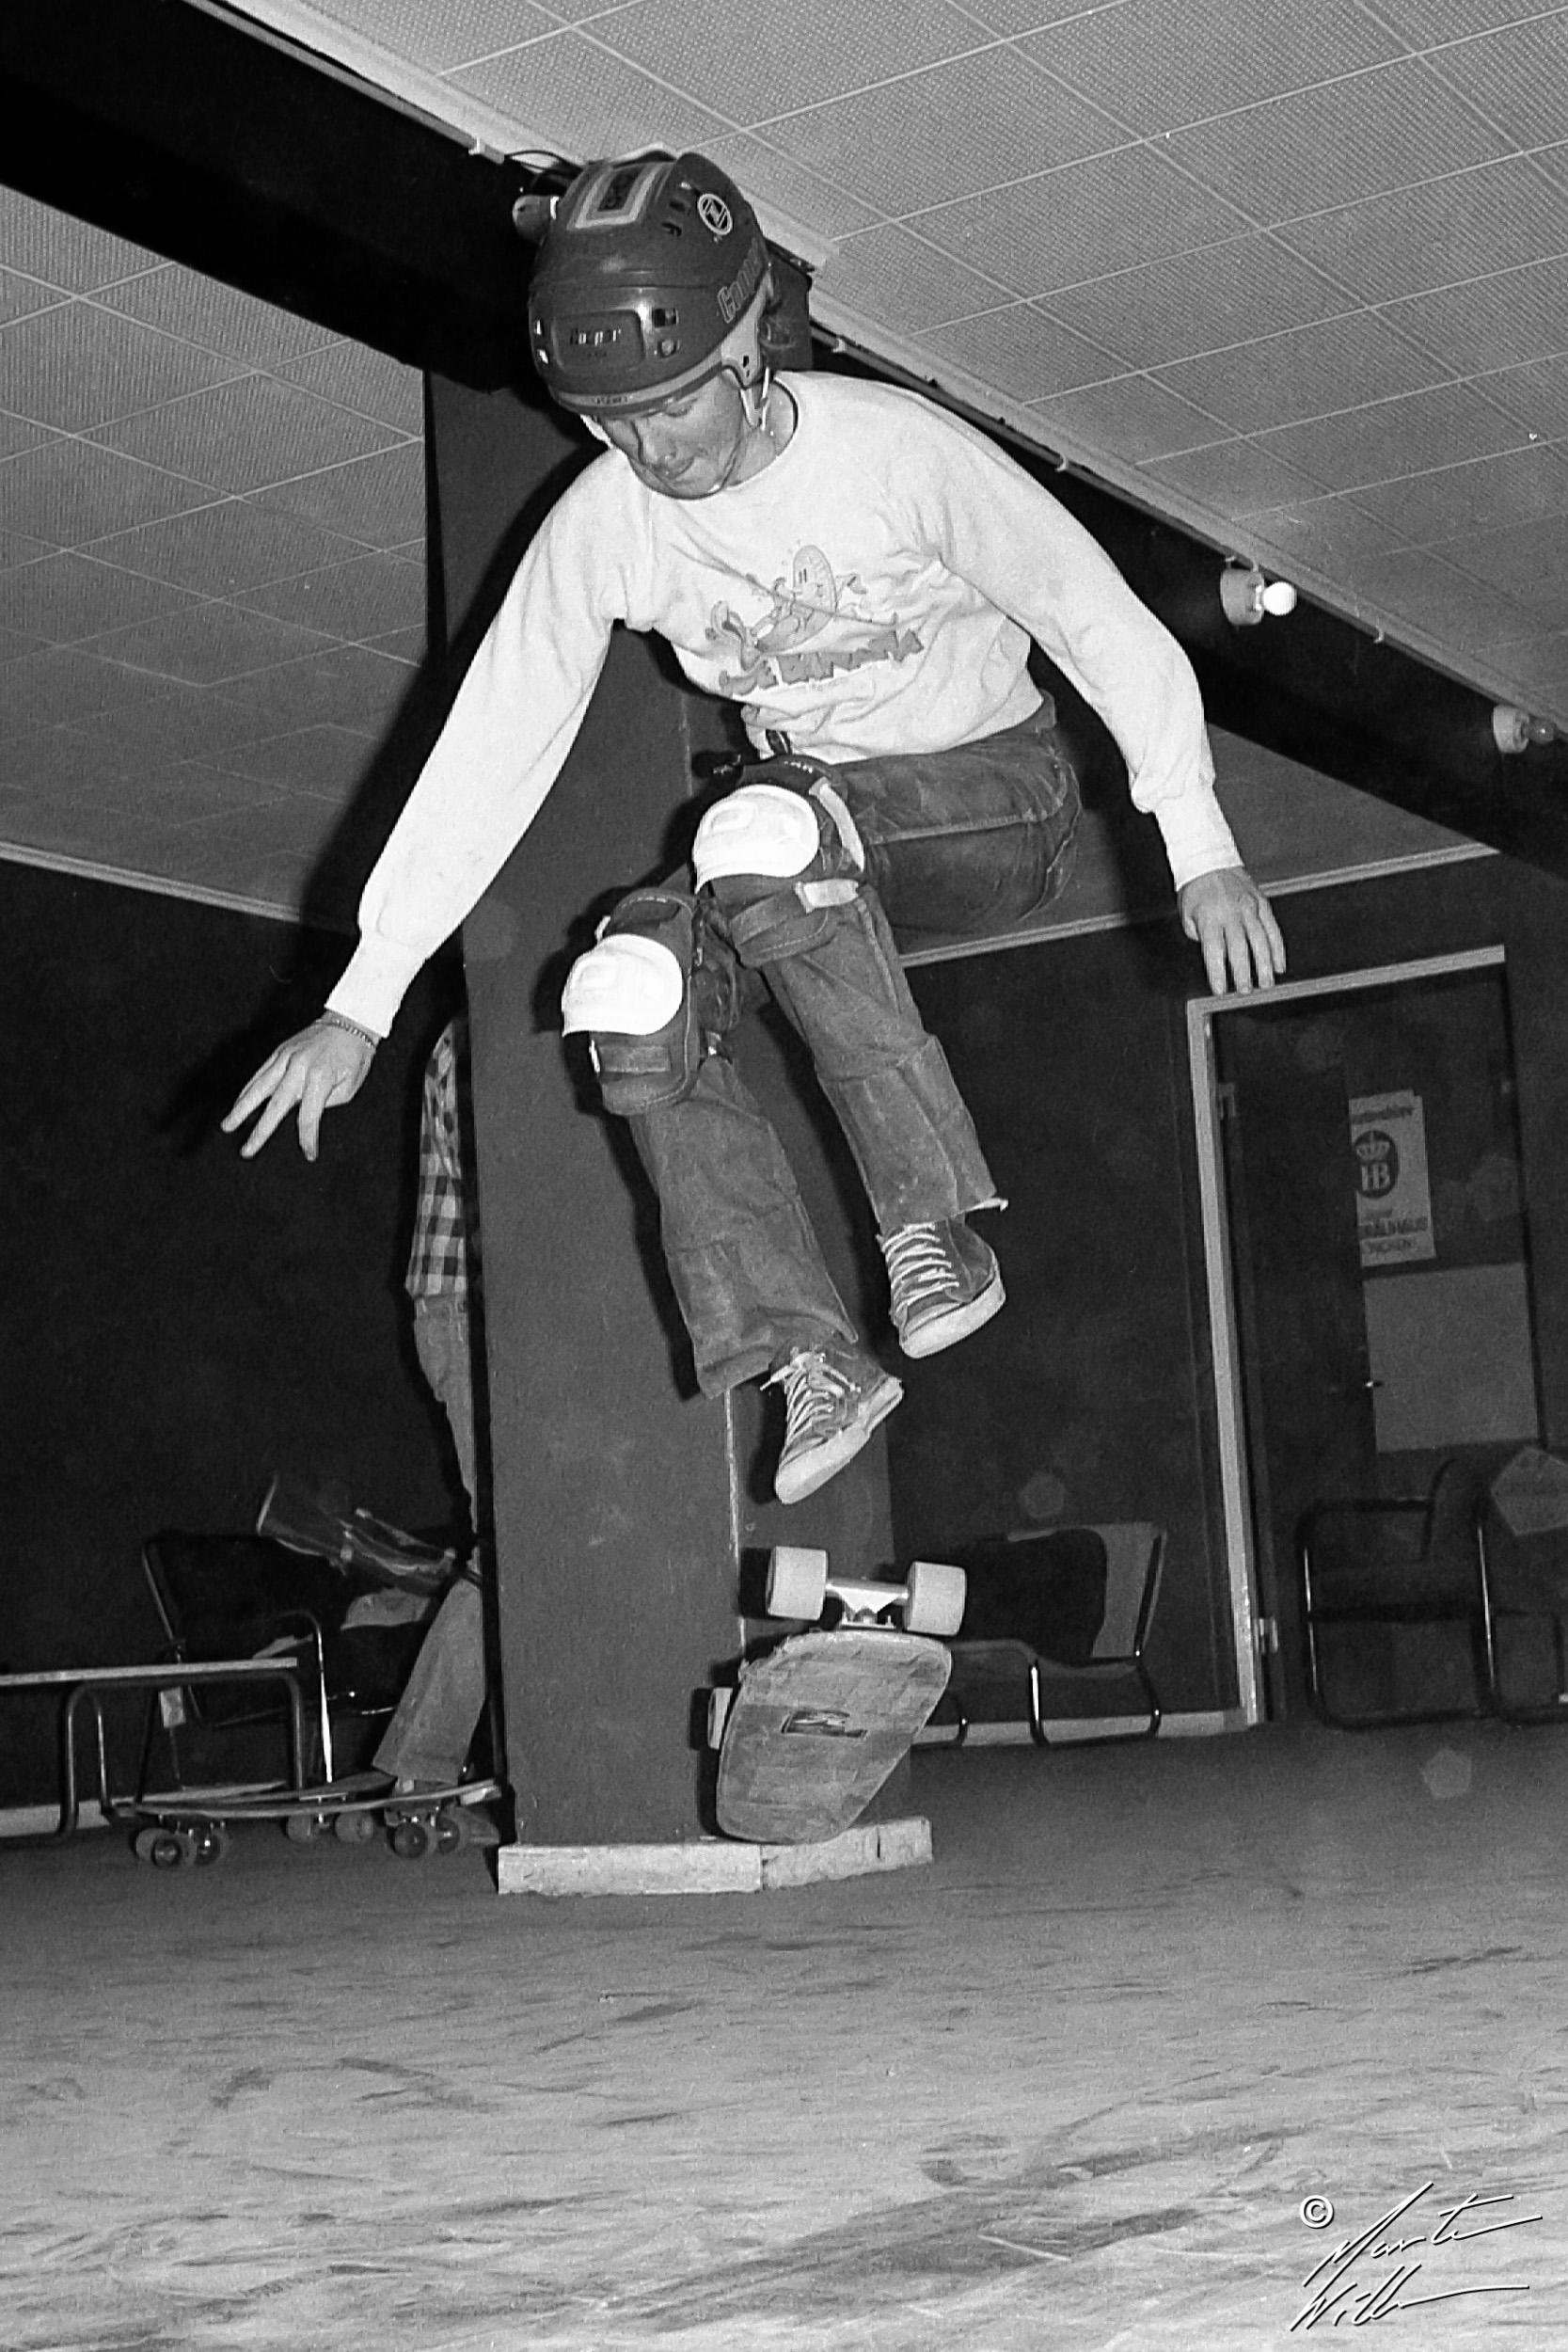 Martin Willners, 180 kickflip, Jönköping 1979